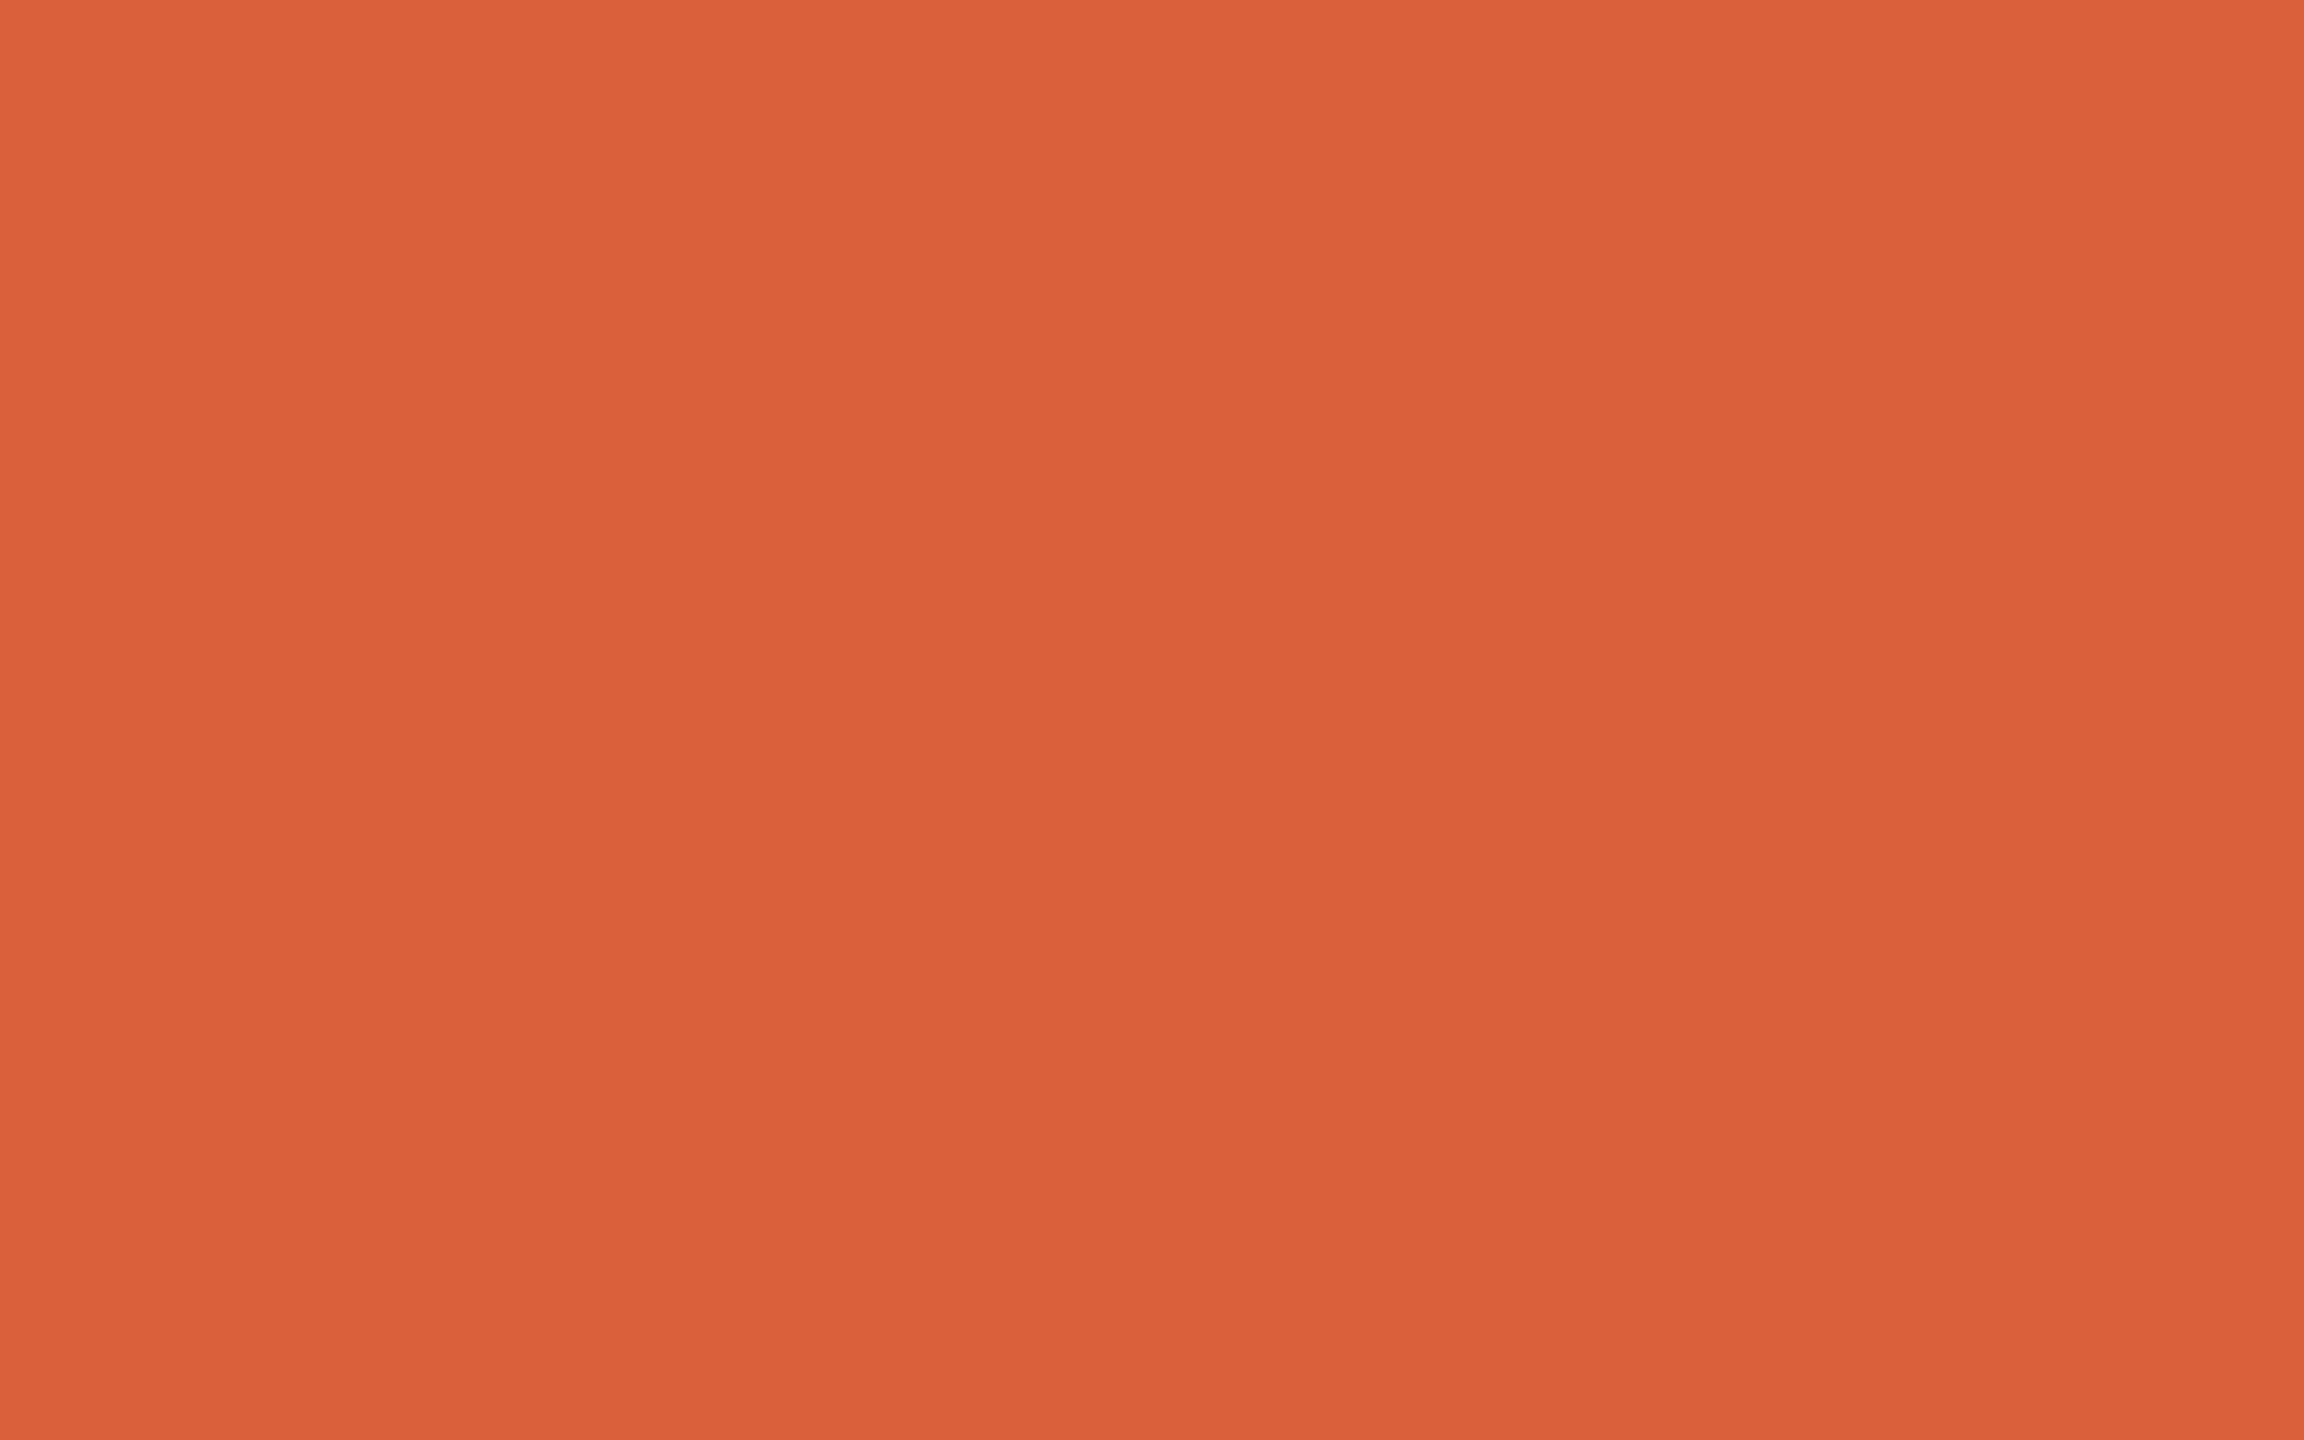 2304x1440 Vermilion Plochere Solid Color Background